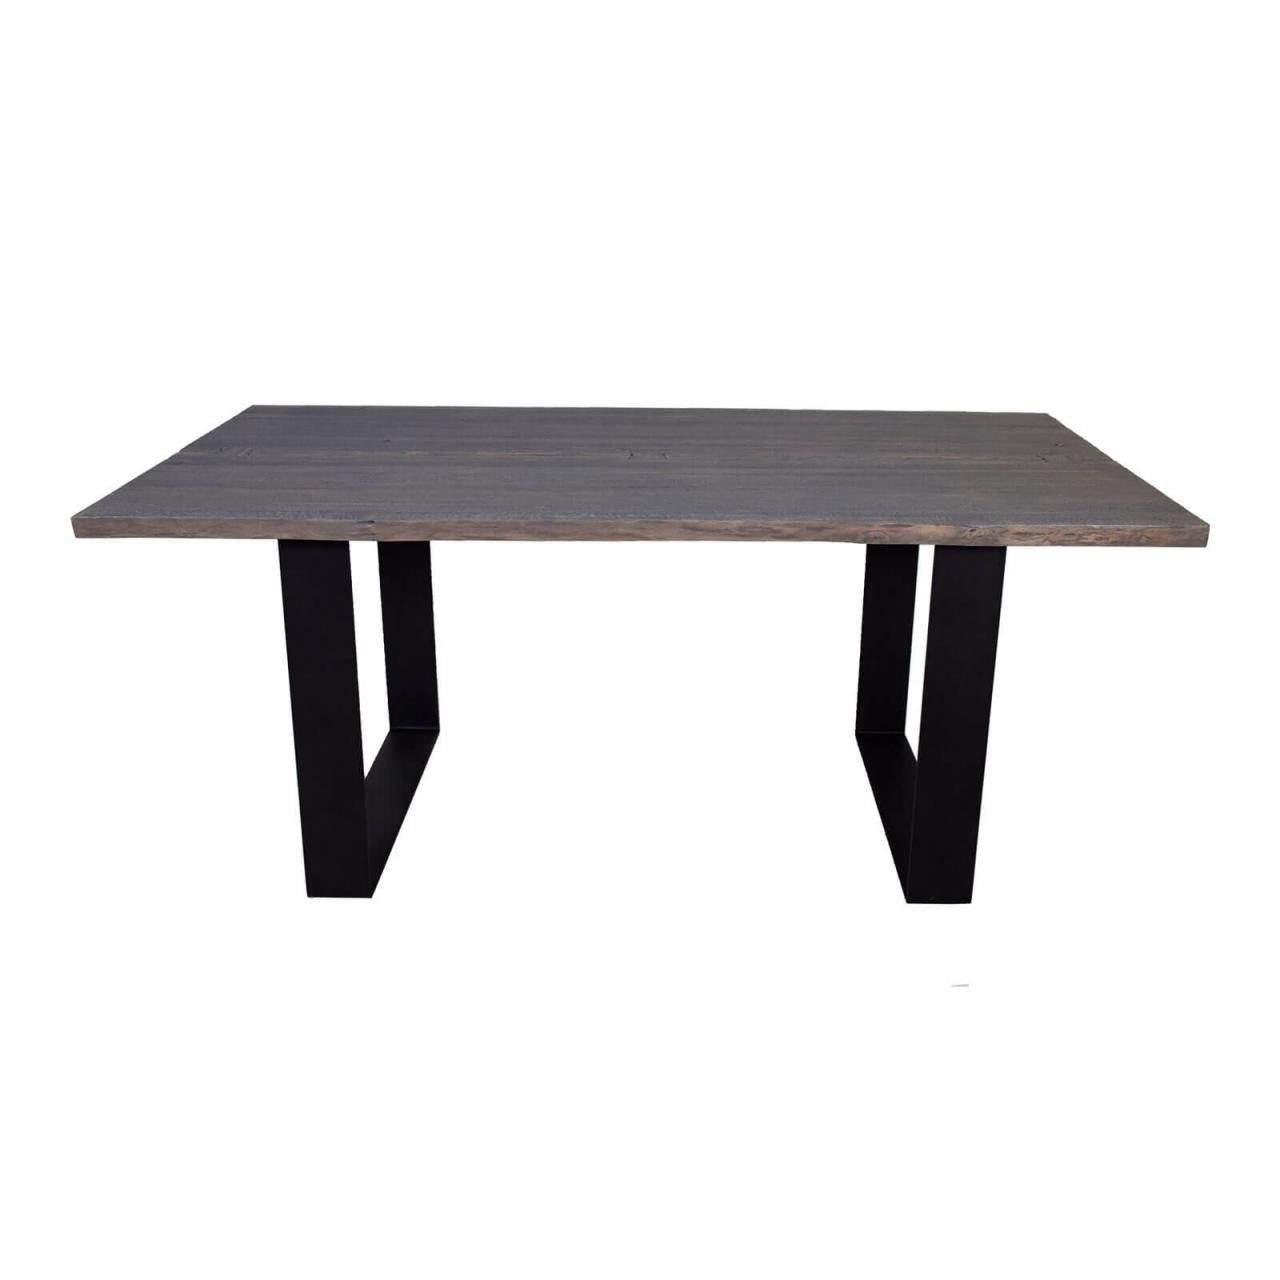 calligaris stuhl einzigartig stuhl und tisch aus eisen esstisch eiche metall elegant calligaris fotos of calligaris stuhl